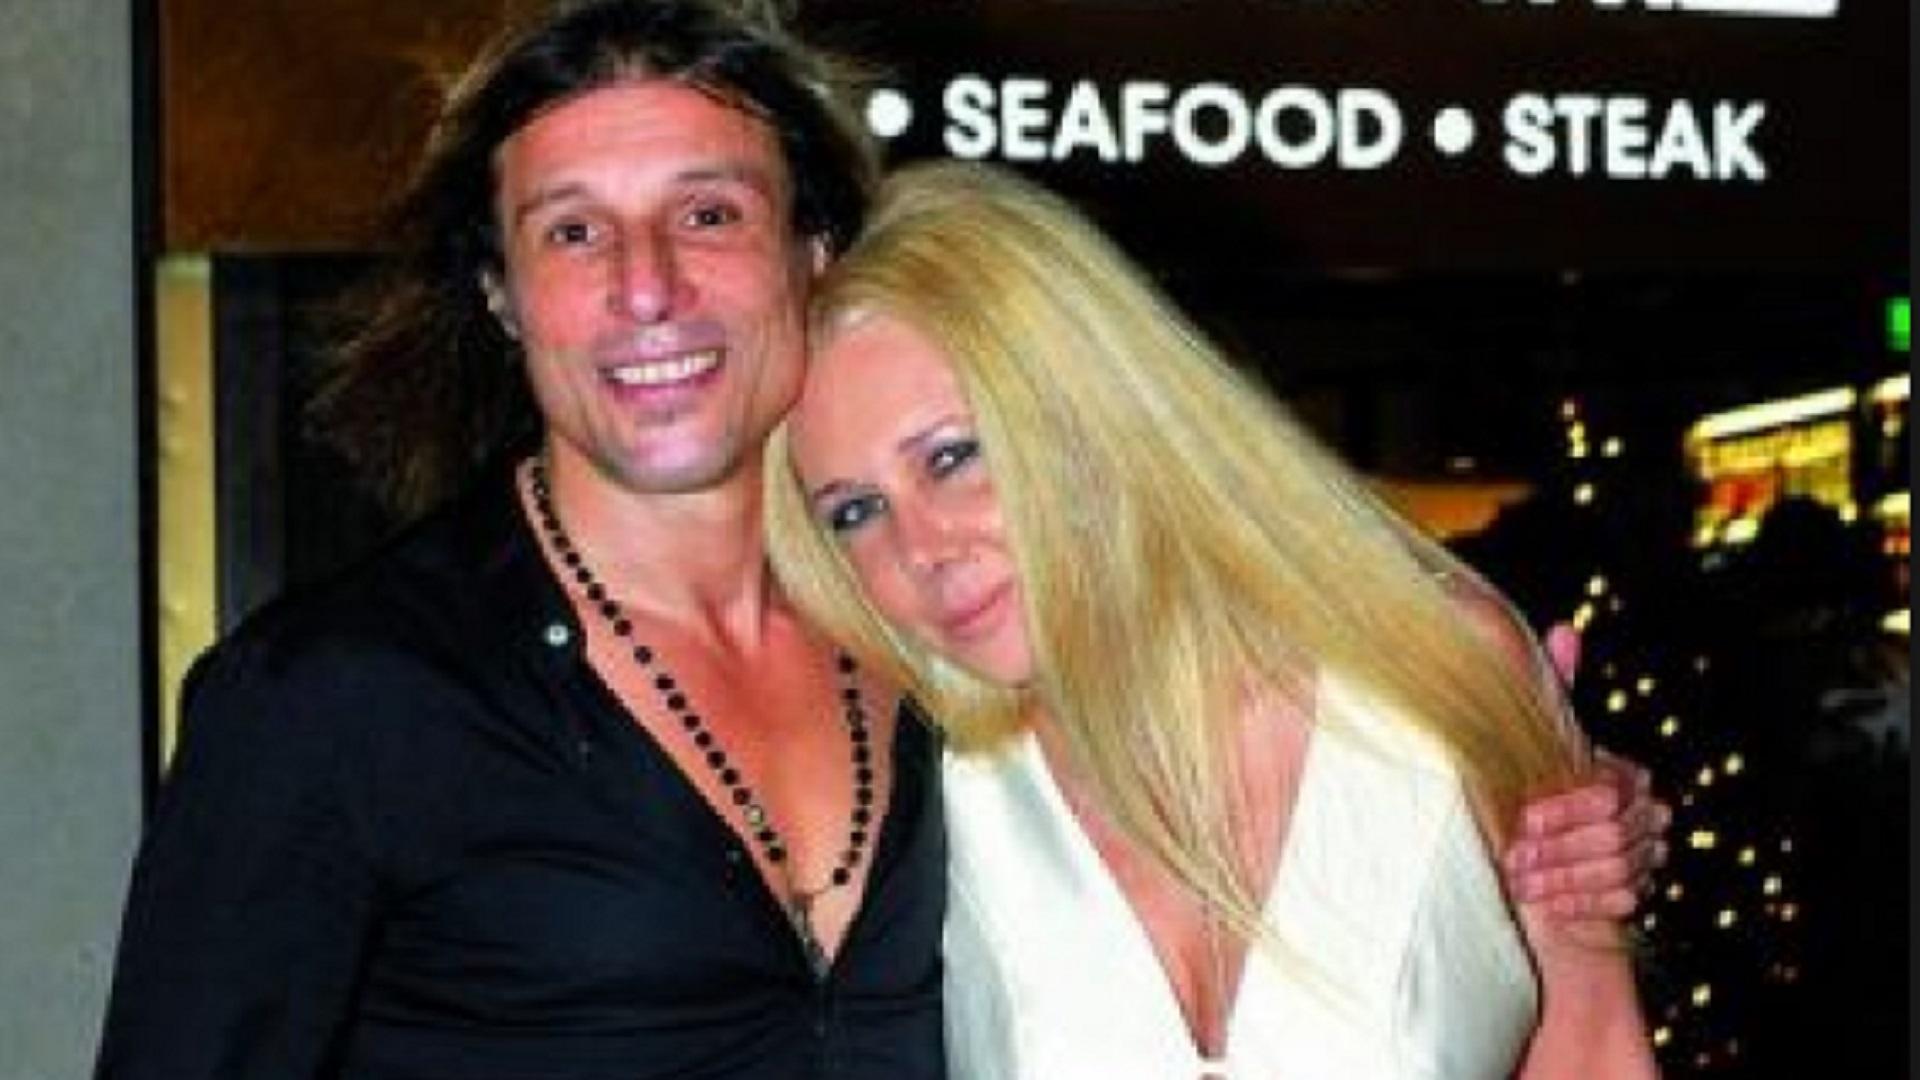 Acusan a Mariana Nannis y Claudio Paul Caniggia de okupas vip en la mansión que vive en Marbella